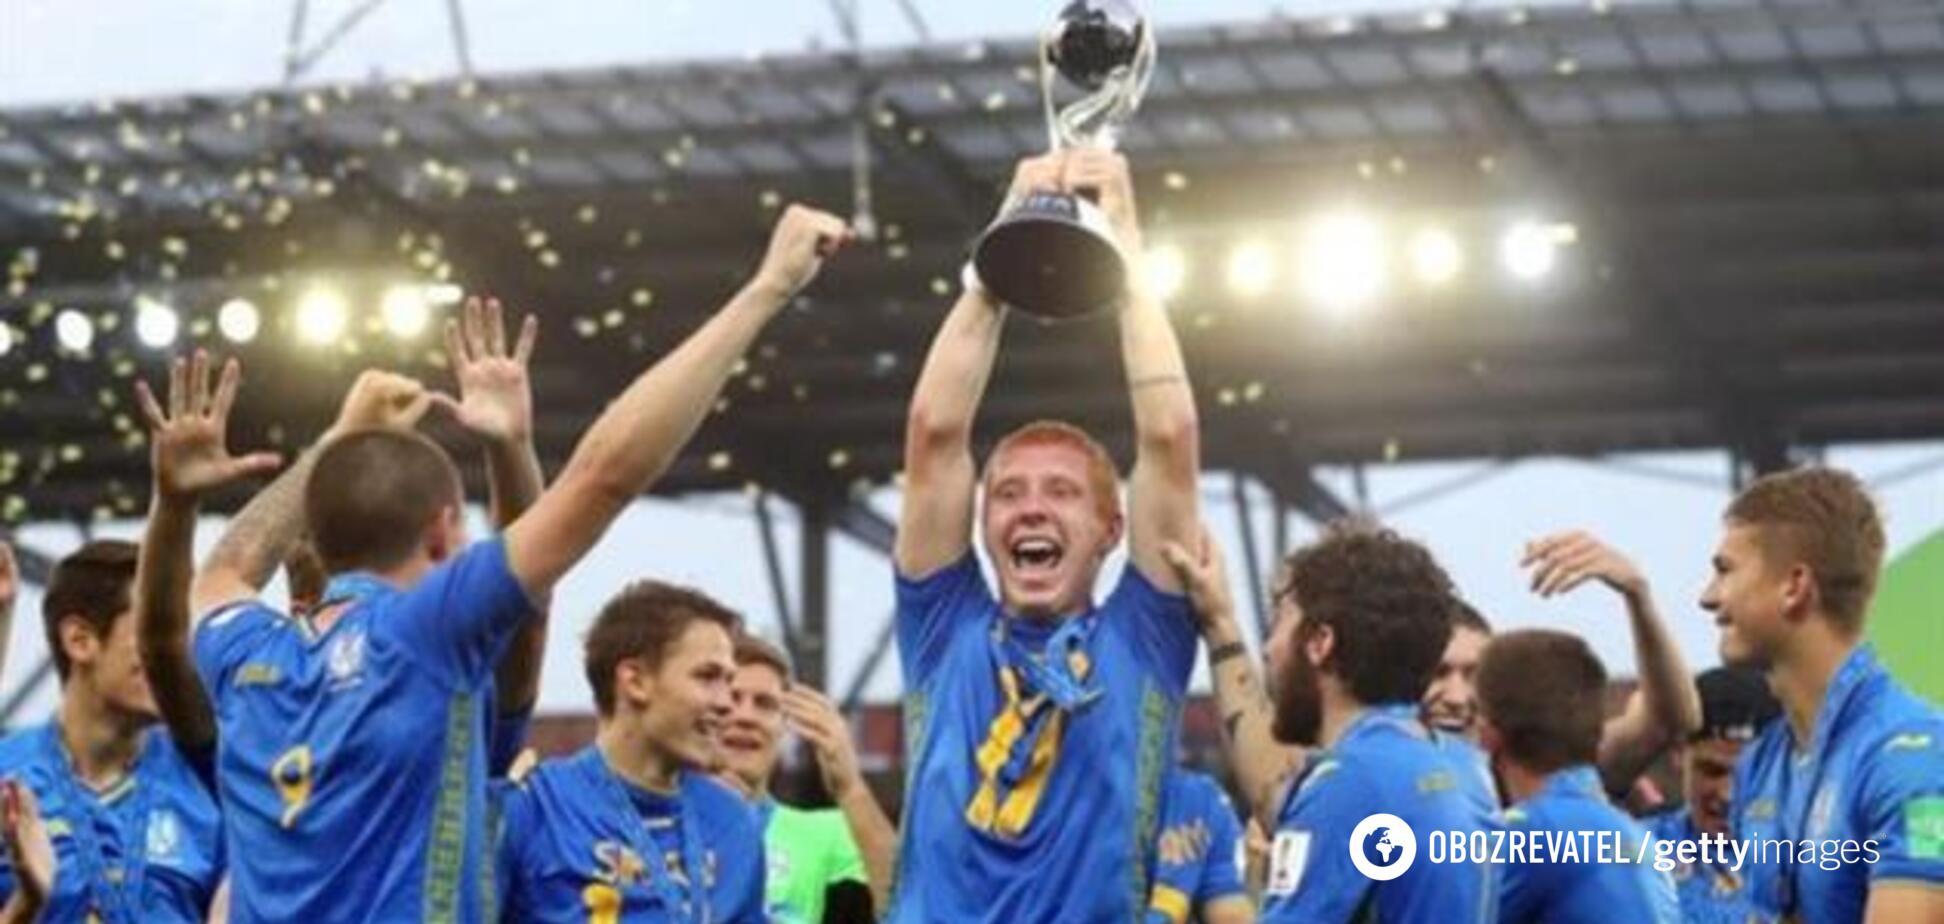 'Бьемся за нацию, а получаем...' Лидер сборной Украины U-20 признался в разочаровании после победы на ЧМ